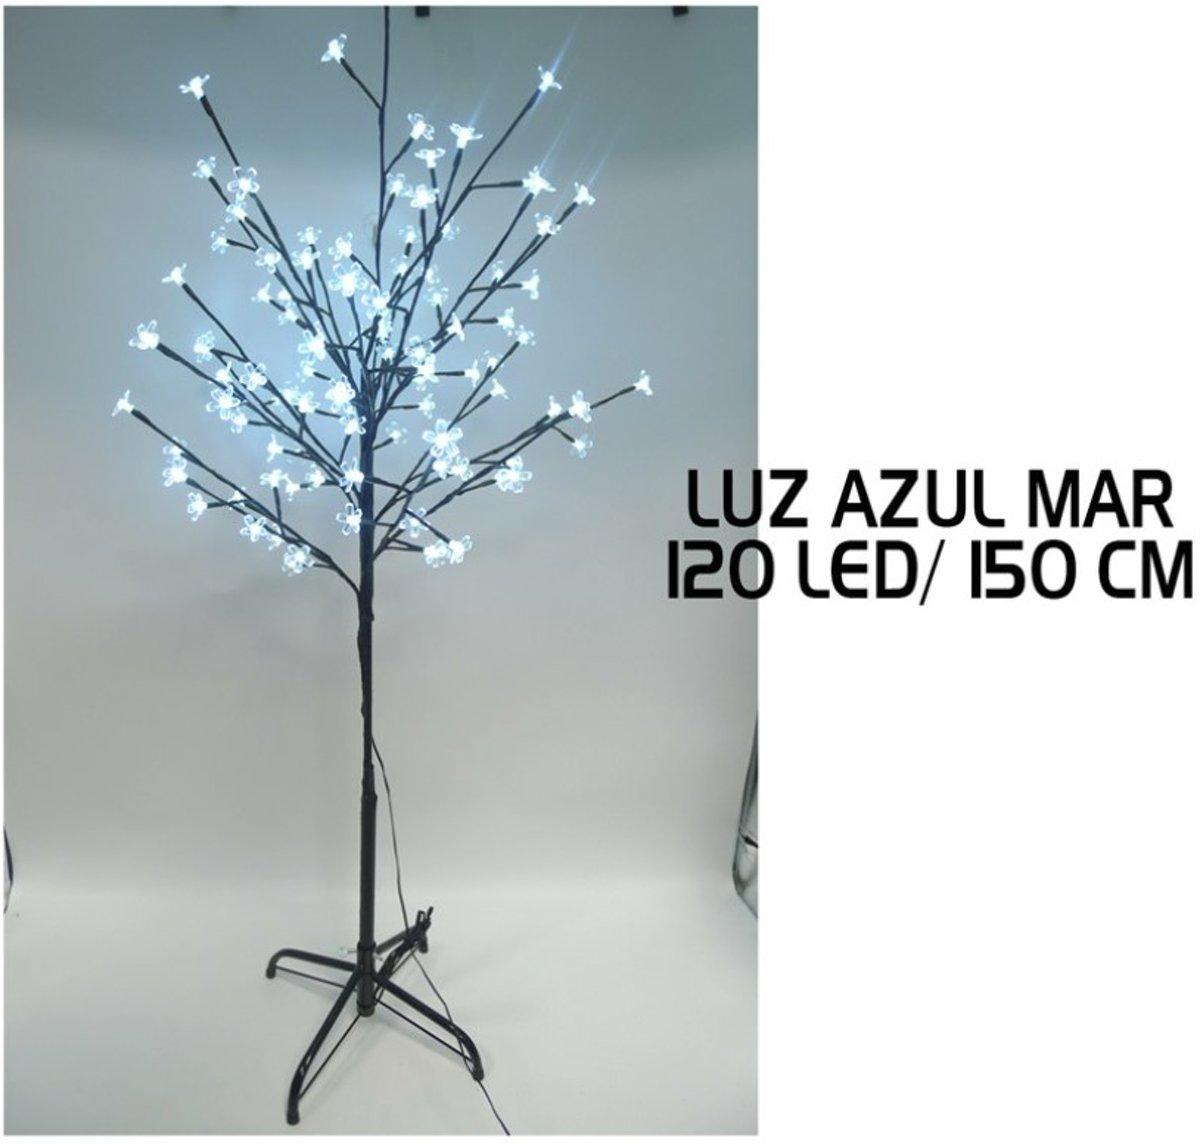 Decoratieve LED Lichtboom 150 cm met 120 Blauwe LED lampjes - Kerstsfeer - Kerstdecoratie - Sfeerverlichting - Sfeervol. kopen